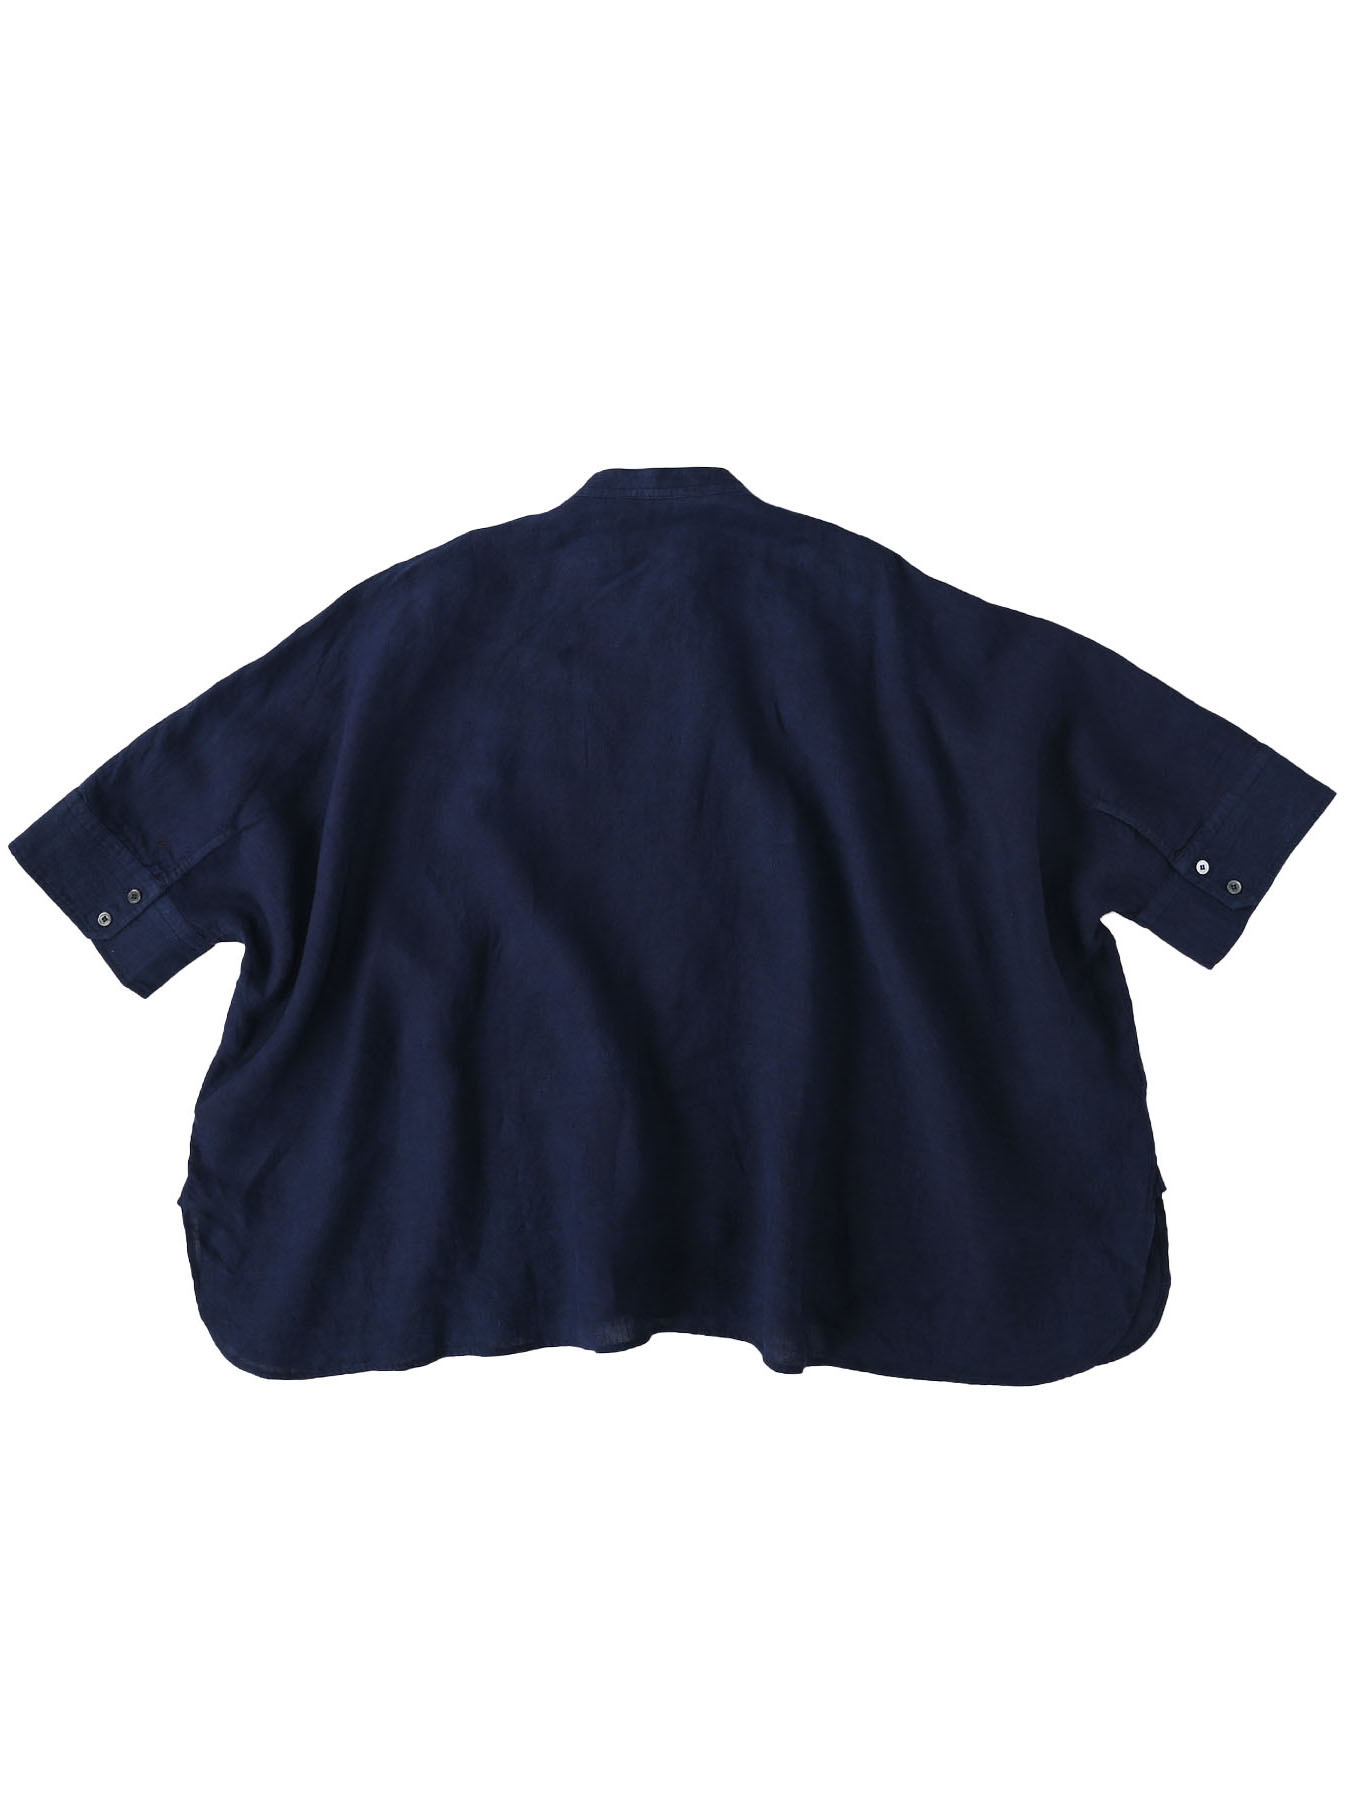 Indigo Indian Linen Flat Big Shirt (0521)-6